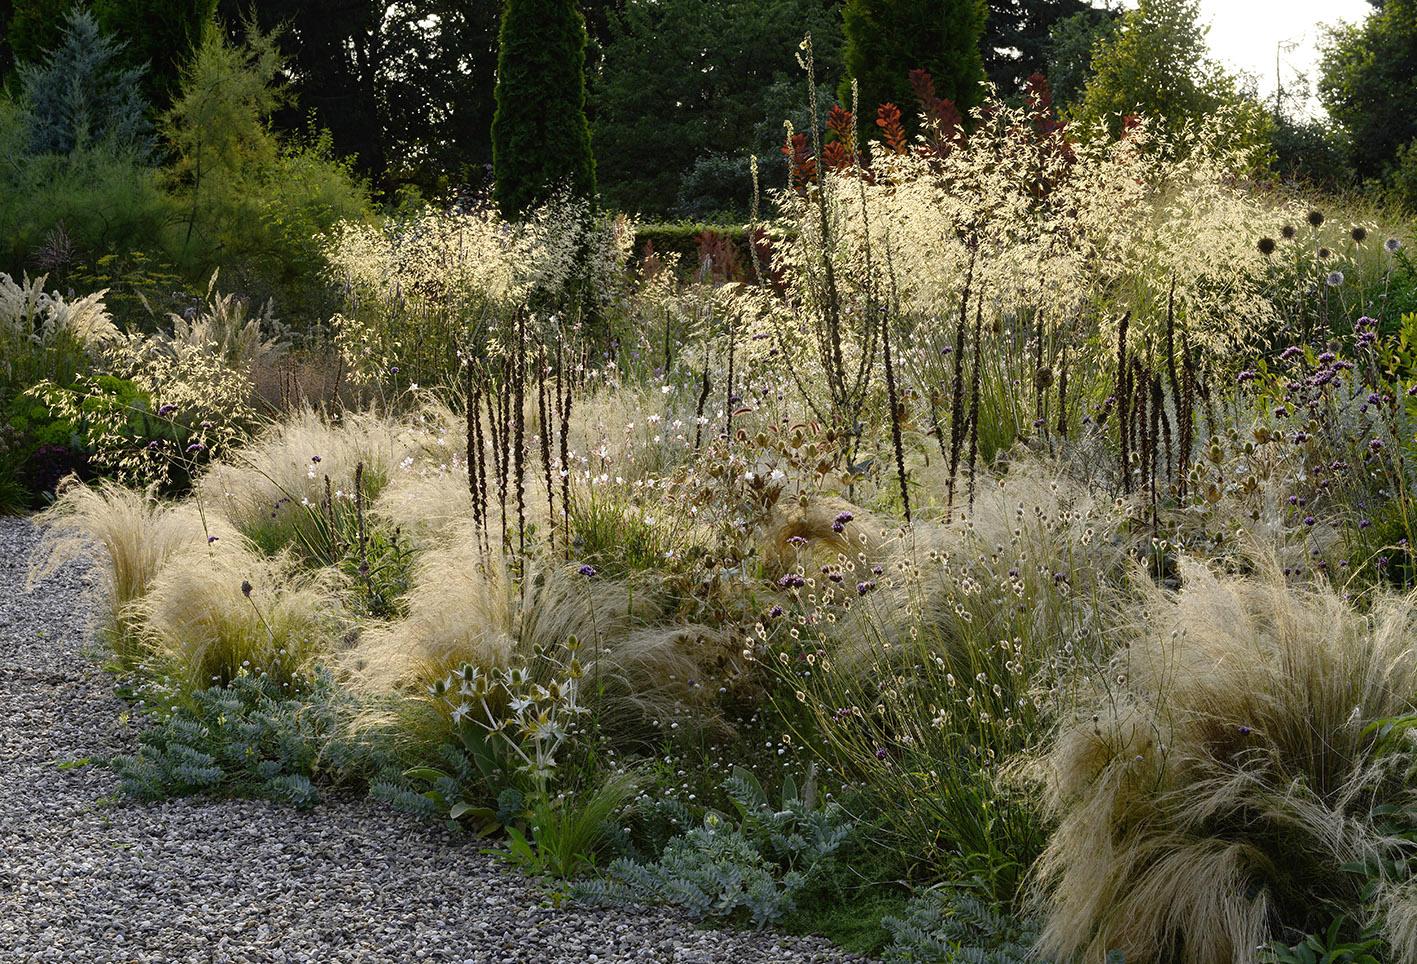 Garten peter janke gartenkonzepte for Peter janke design mit pflanzen